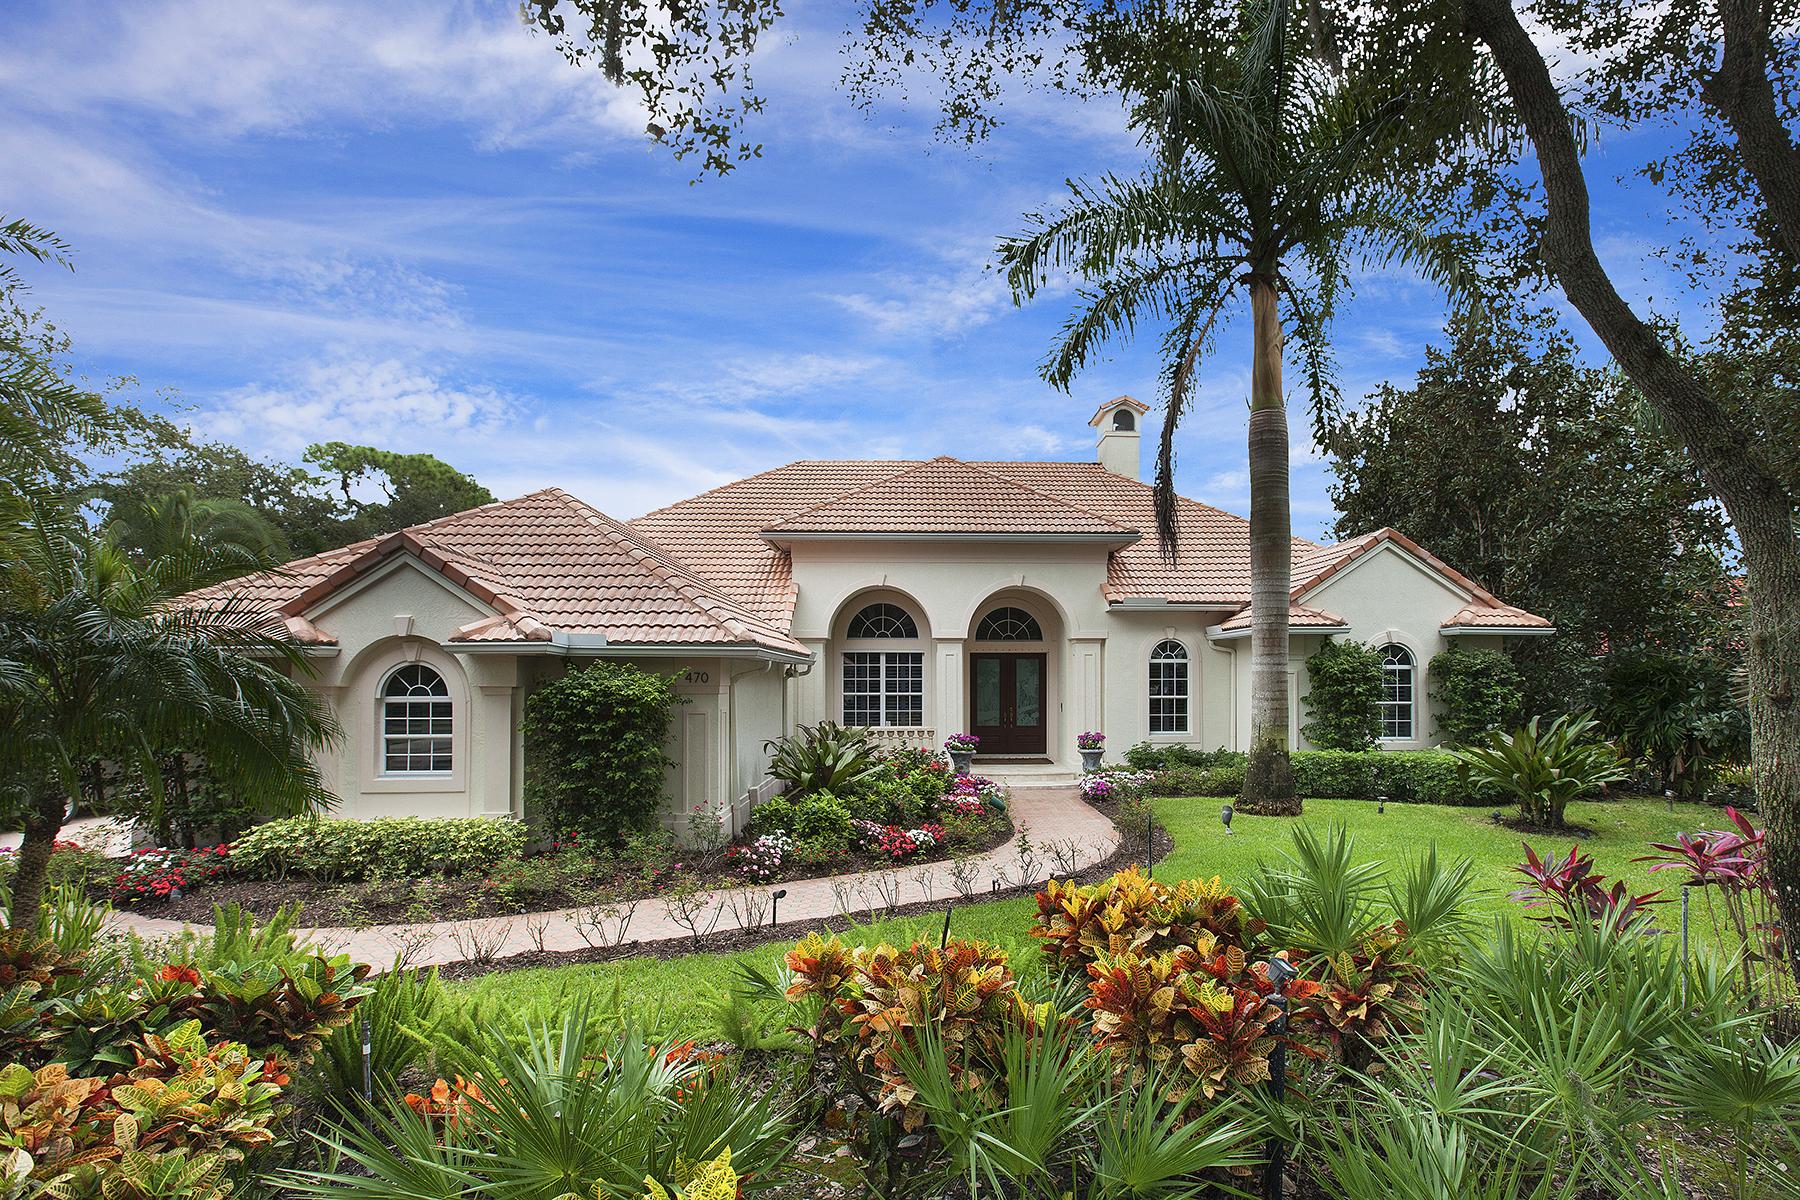 Частный односемейный дом для того Продажа на THE OAKS 470 E Macewen Dr Osprey, Флорида 34229 Соединенные Штаты